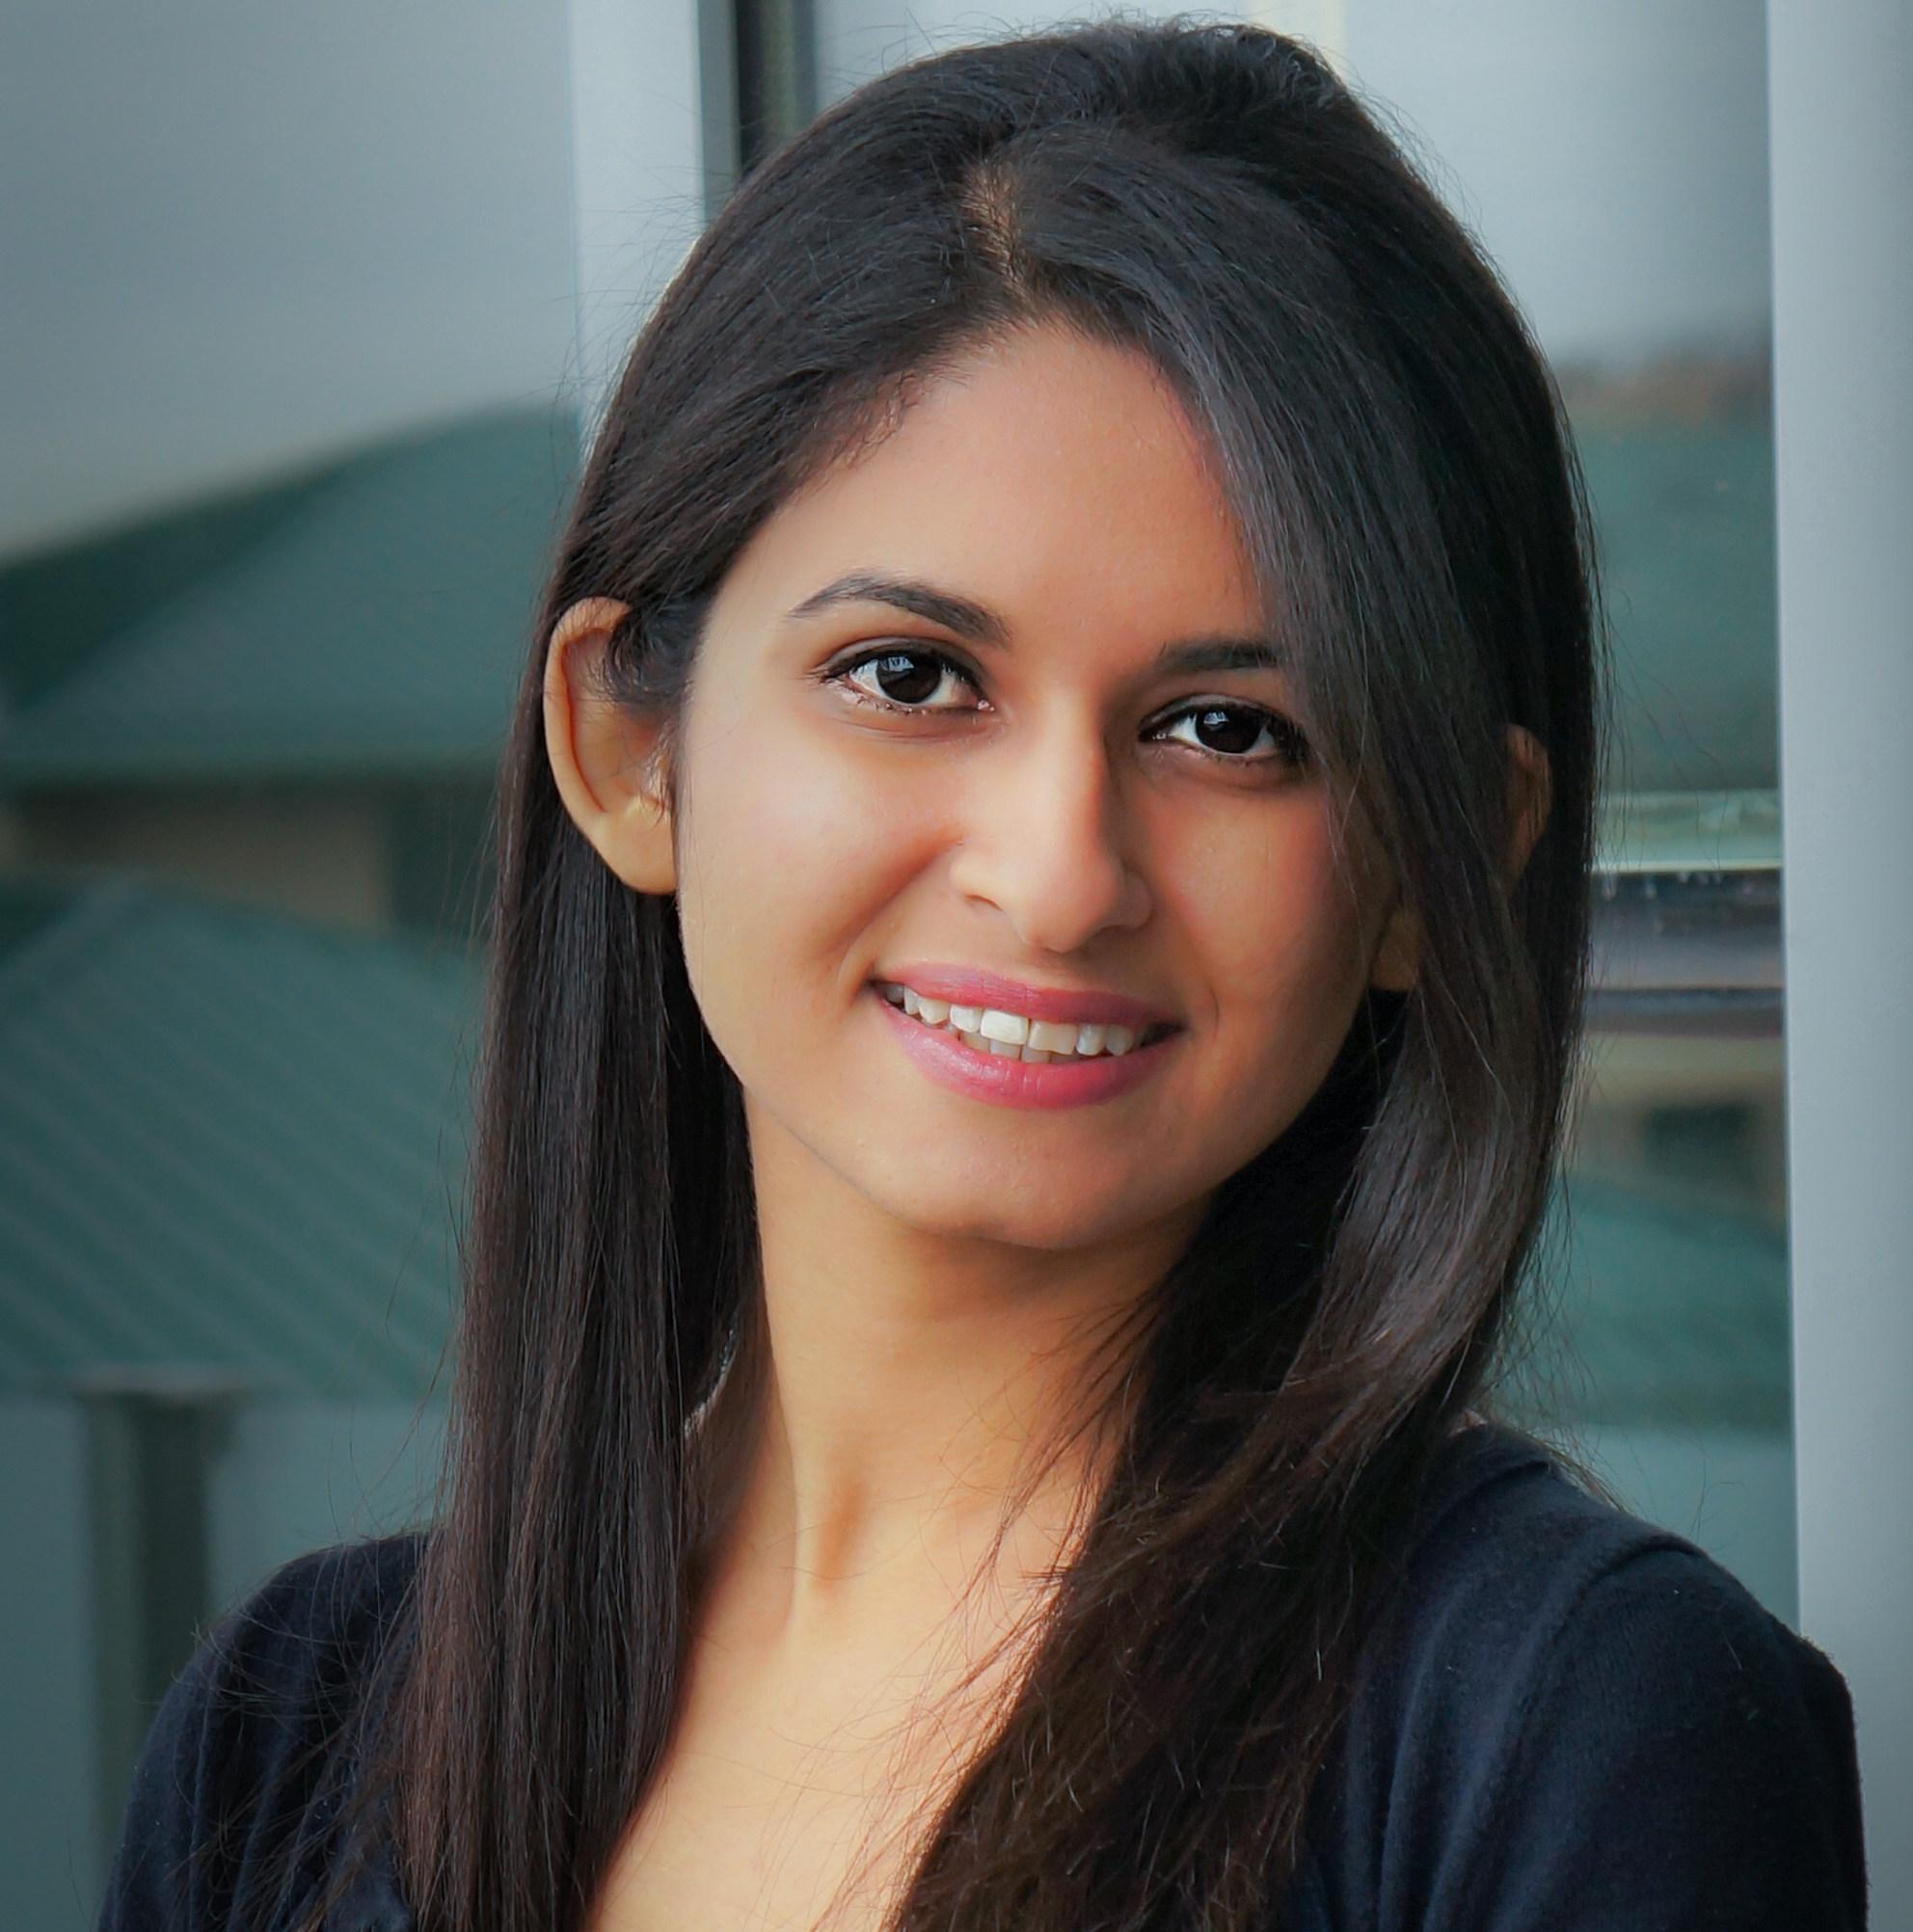 Nika Haghtalab